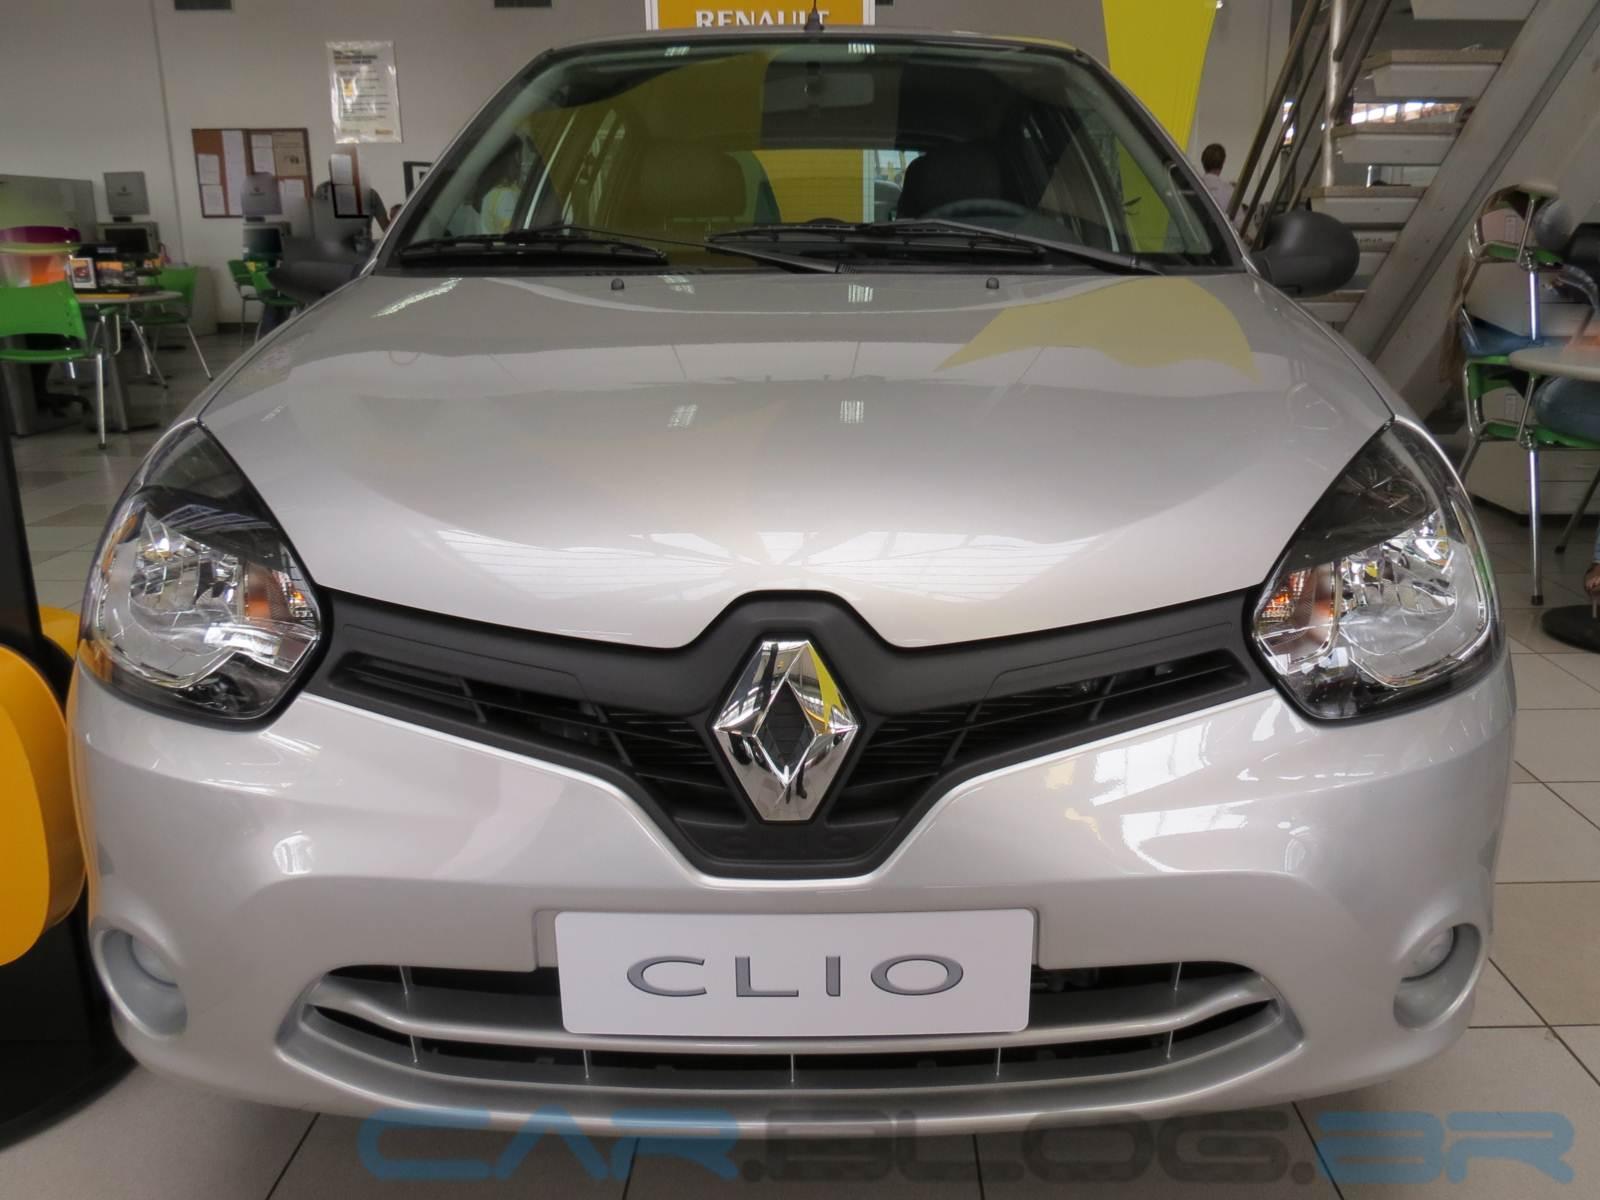 Renault Clio Authentique 2013 Fotos Preço Consumo E Ficha